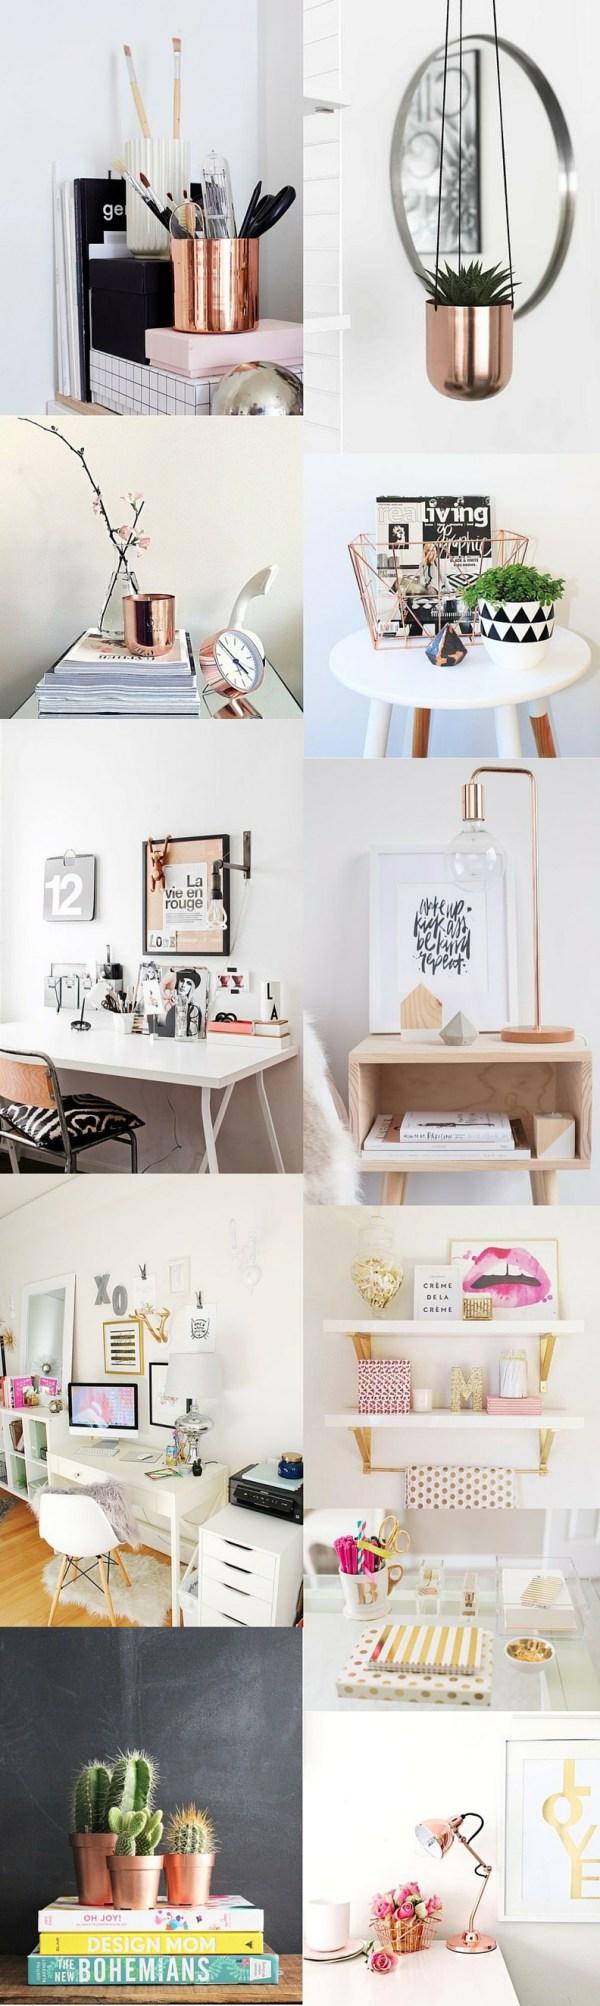 Decor cobre rose gold e dourado monica pinterest dekoration deko e ideen - Kupfer deko wohnzimmer ...